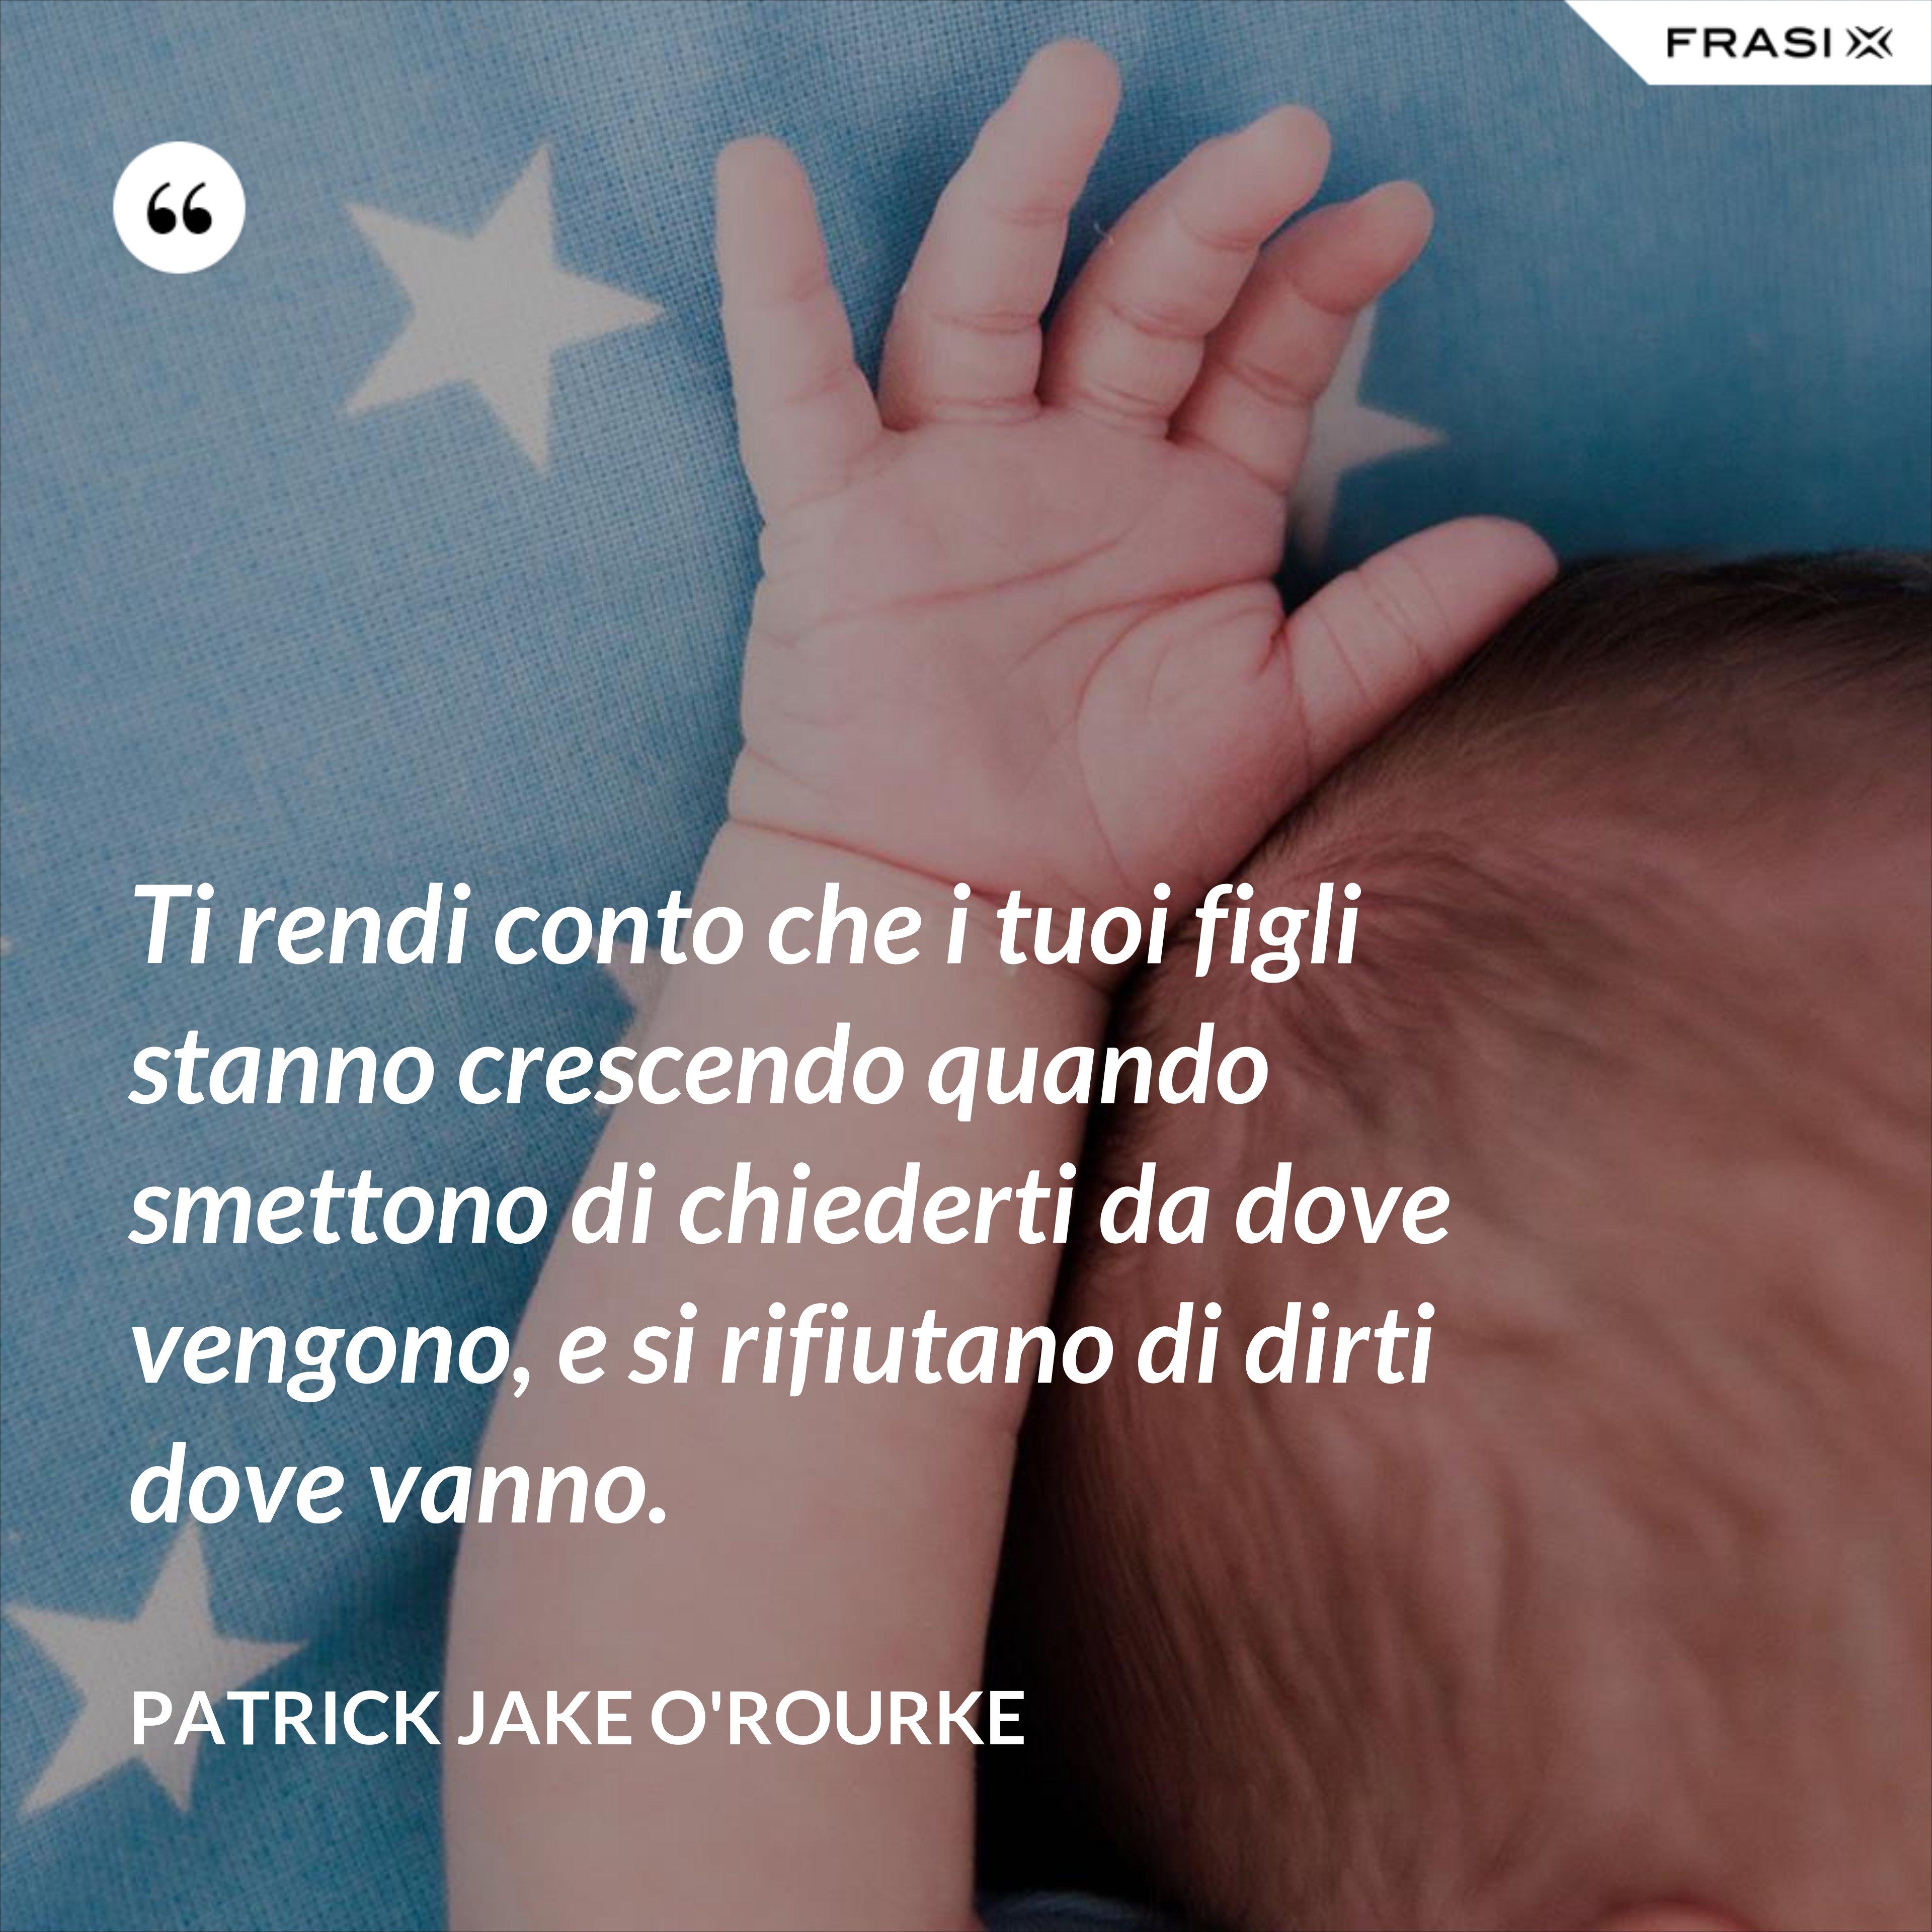 Ti rendi conto che i tuoi figli stanno crescendo quando smettono di chiederti da dove vengono, e si rifiutano di dirti dove vanno. - Patrick Jake O'Rourke